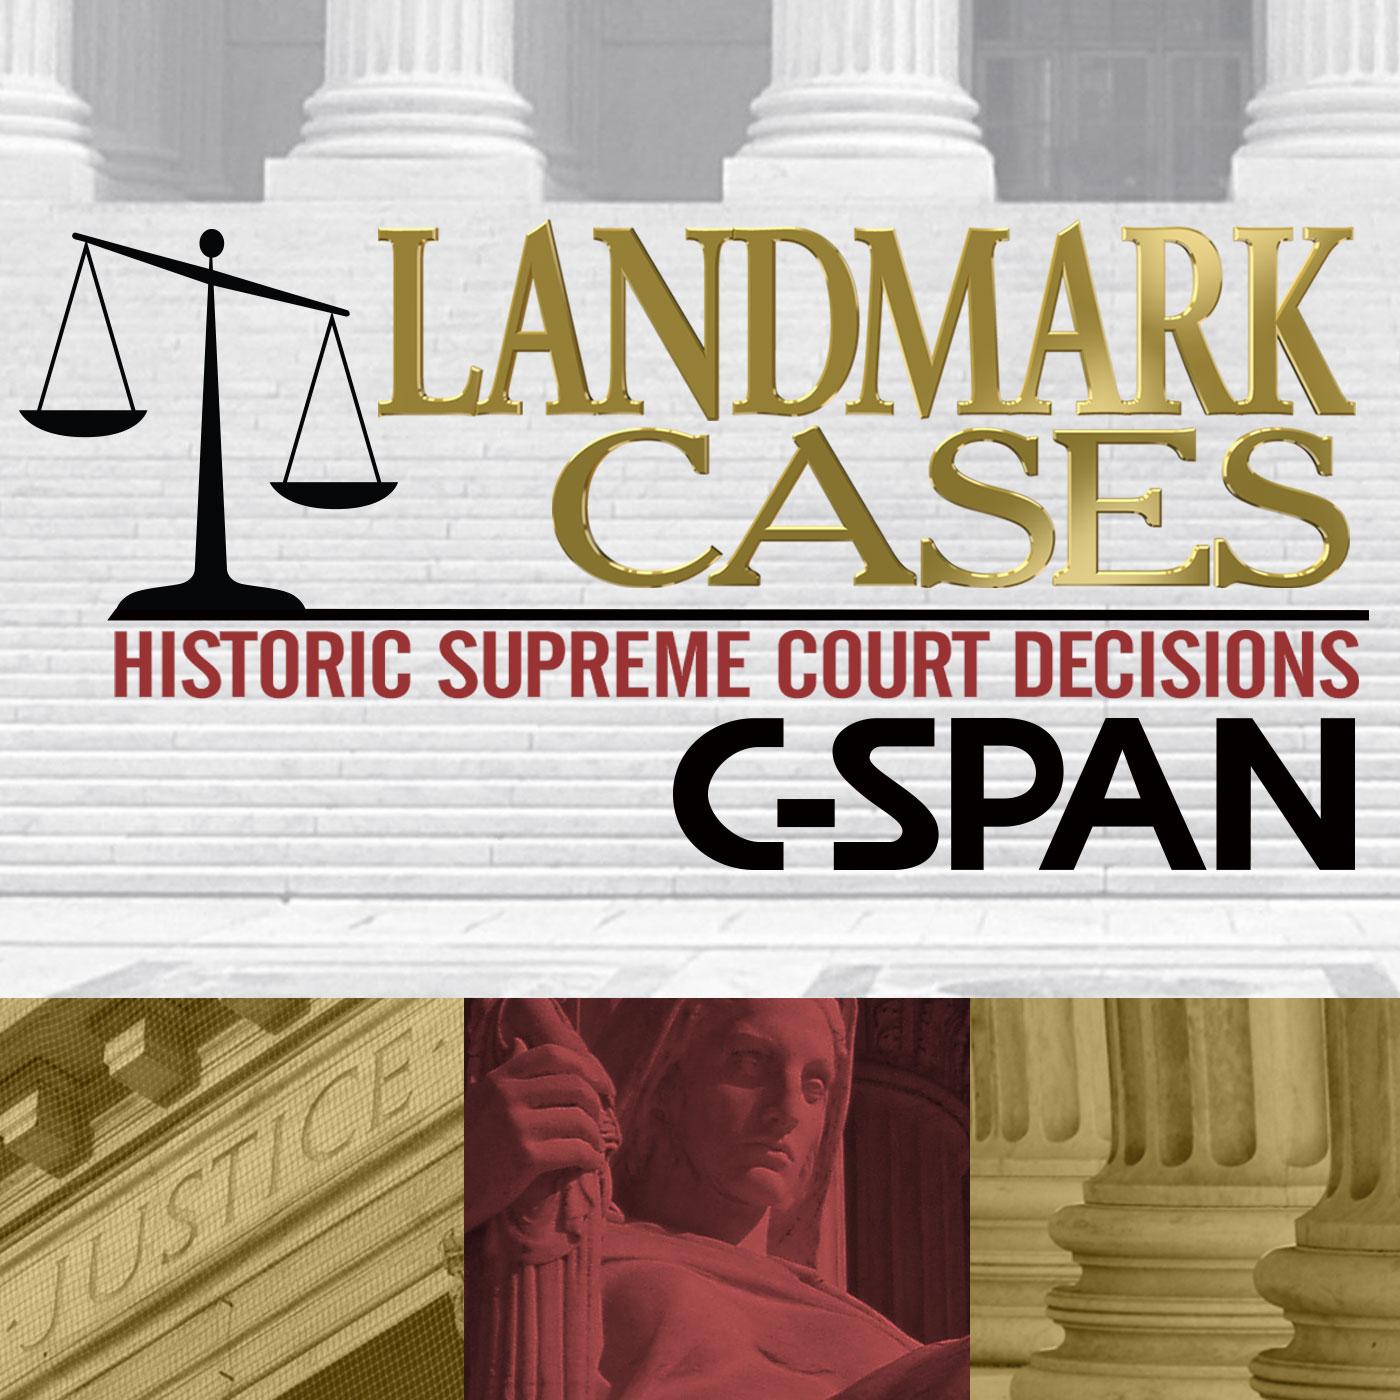 Landmark Cases